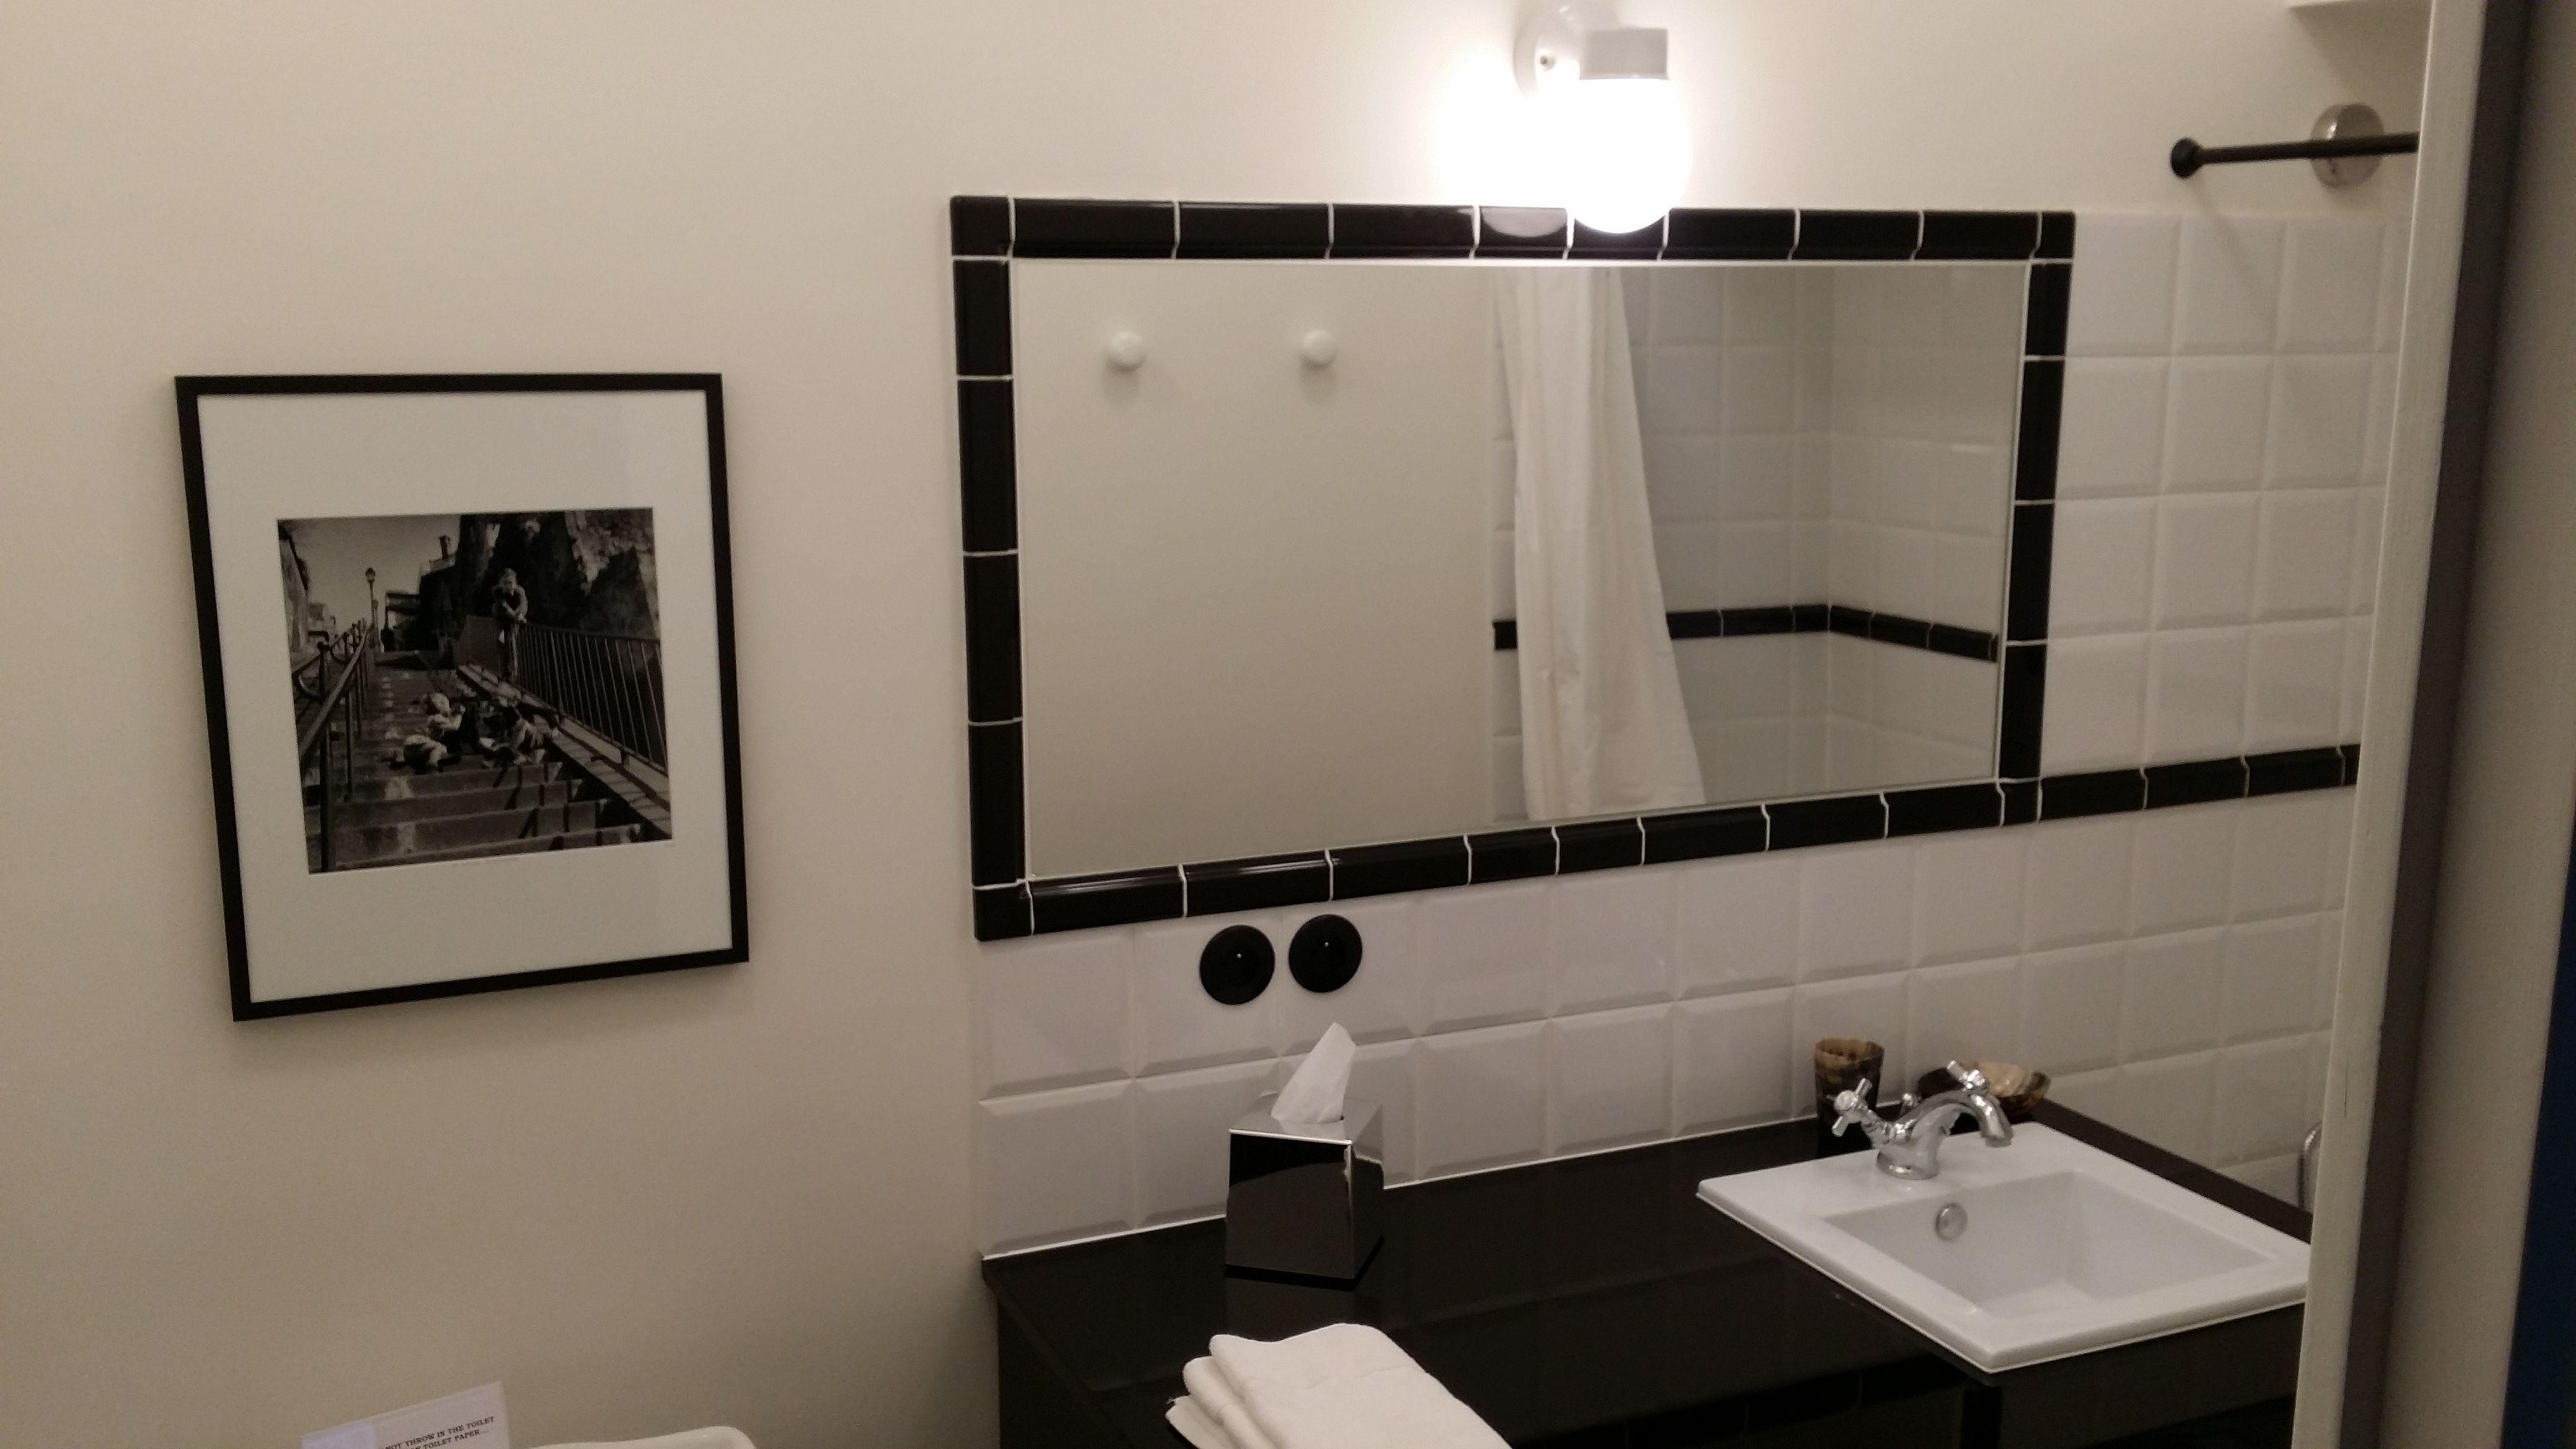 salle de bain rà tro paris 6 dt rà alisation nova